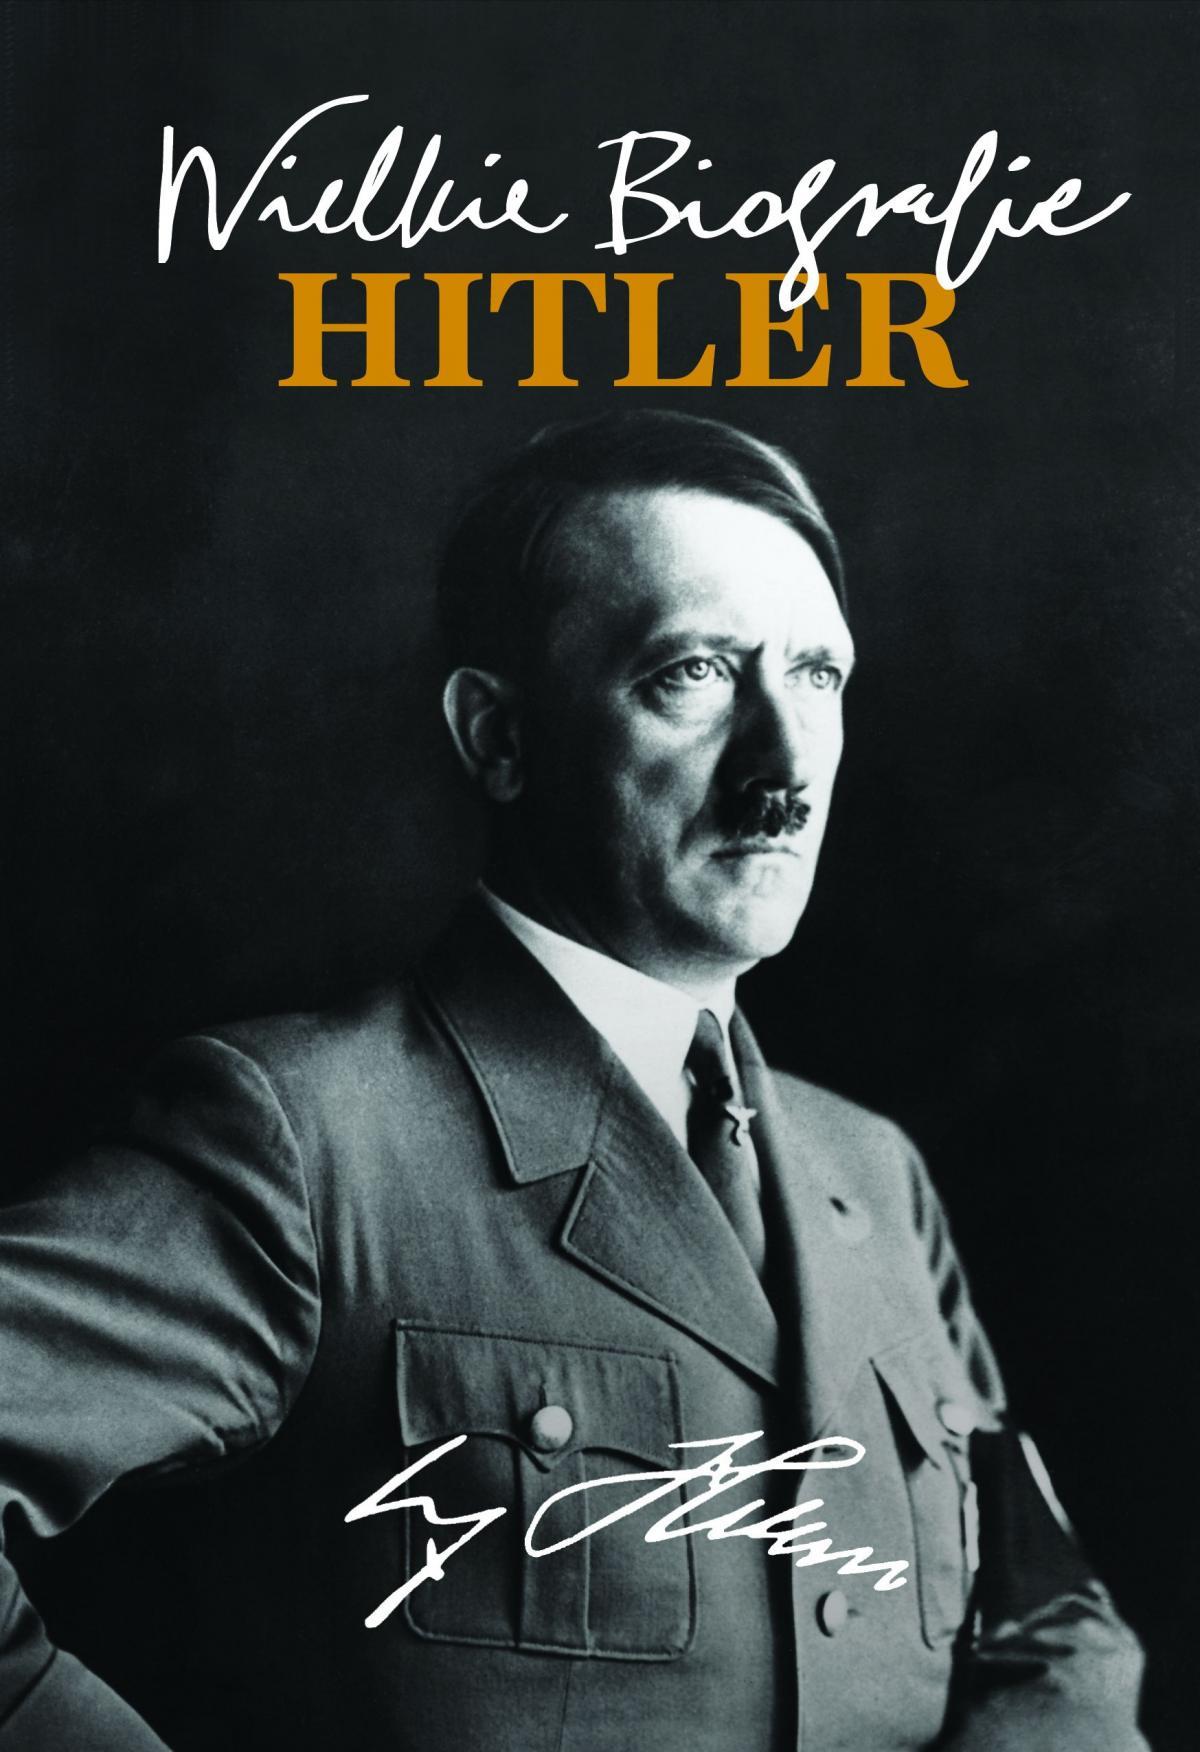 Hitler. Wielkie Biografie - Ebook (Książka EPUB) do pobrania w formacie EPUB